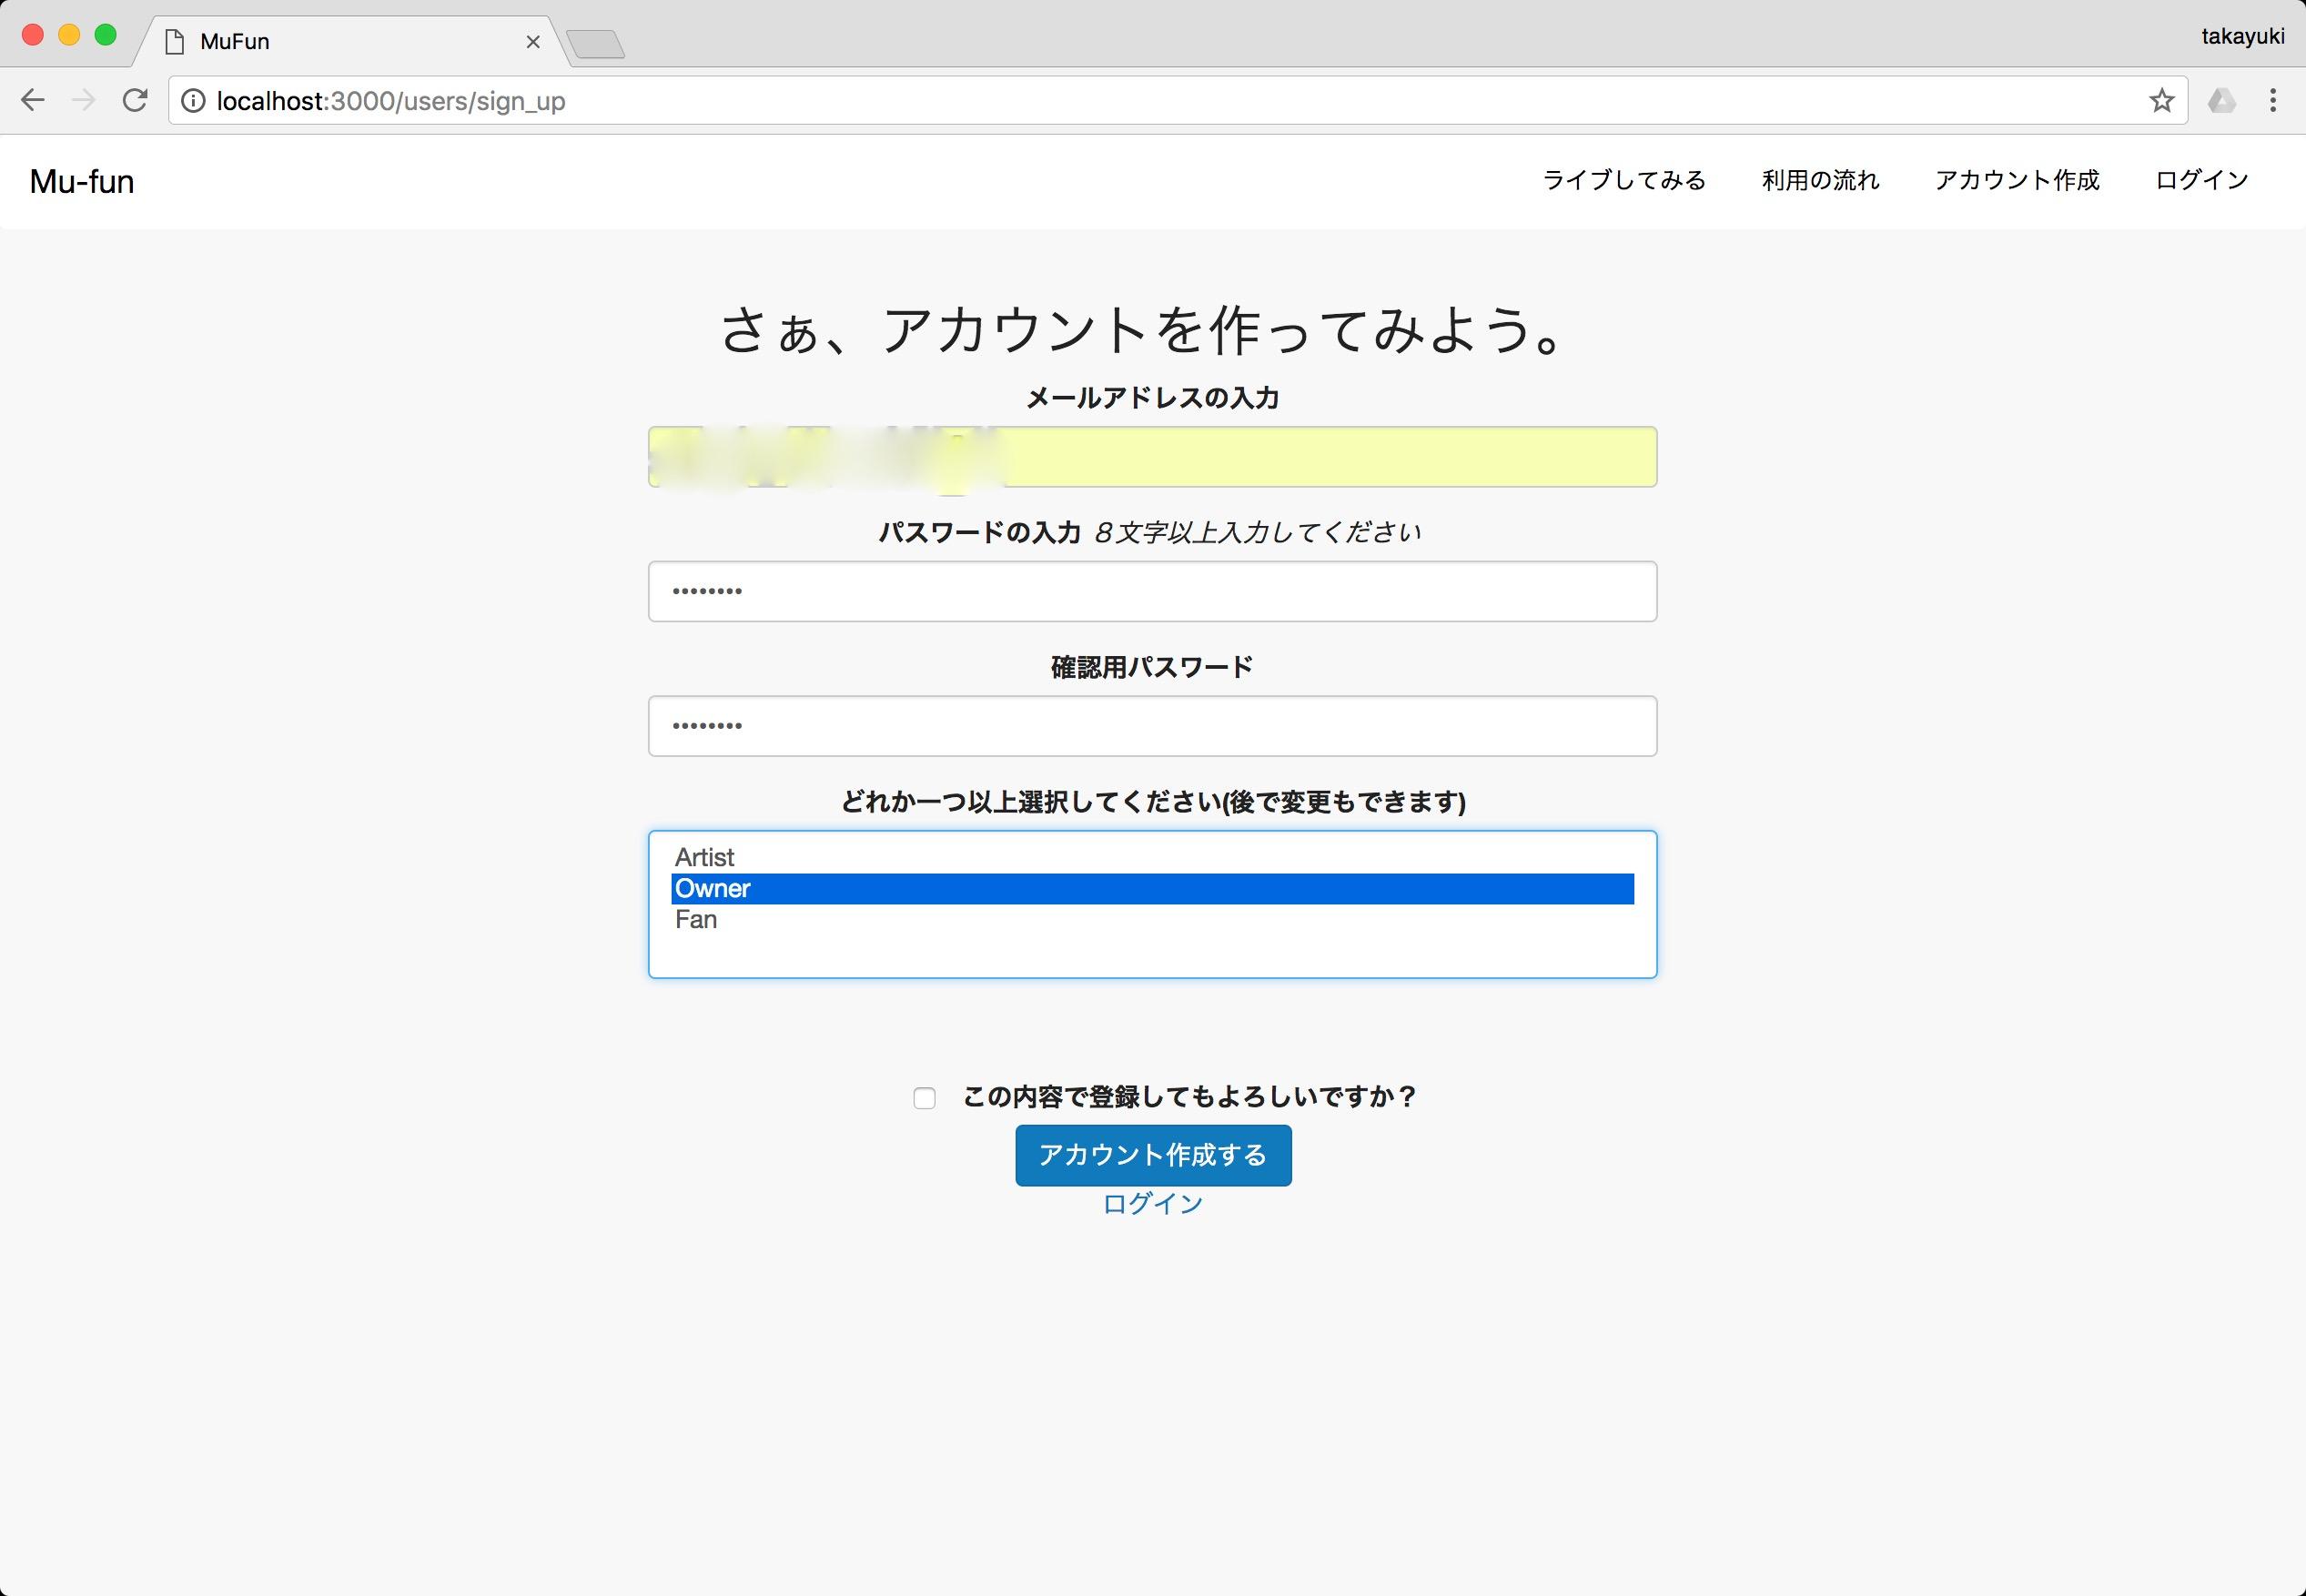 スクリーンショット 2017-08-04 13.41.48.jpeg